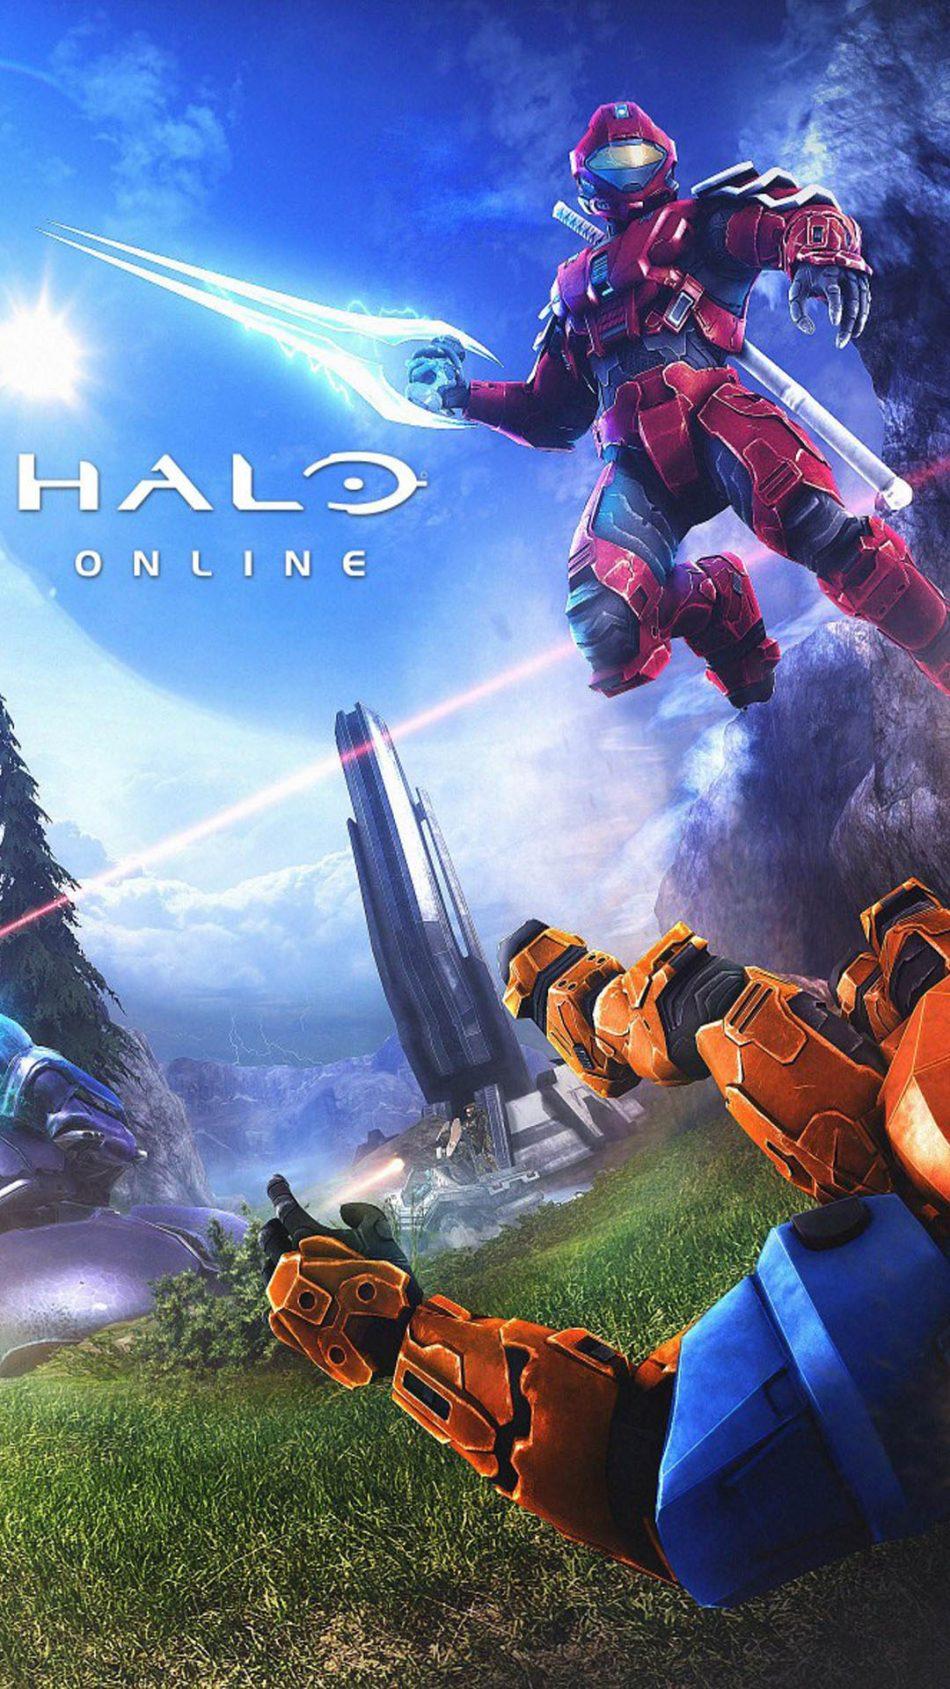 Halo Online 2018 4K Ultra HD Mobile Wallpaper